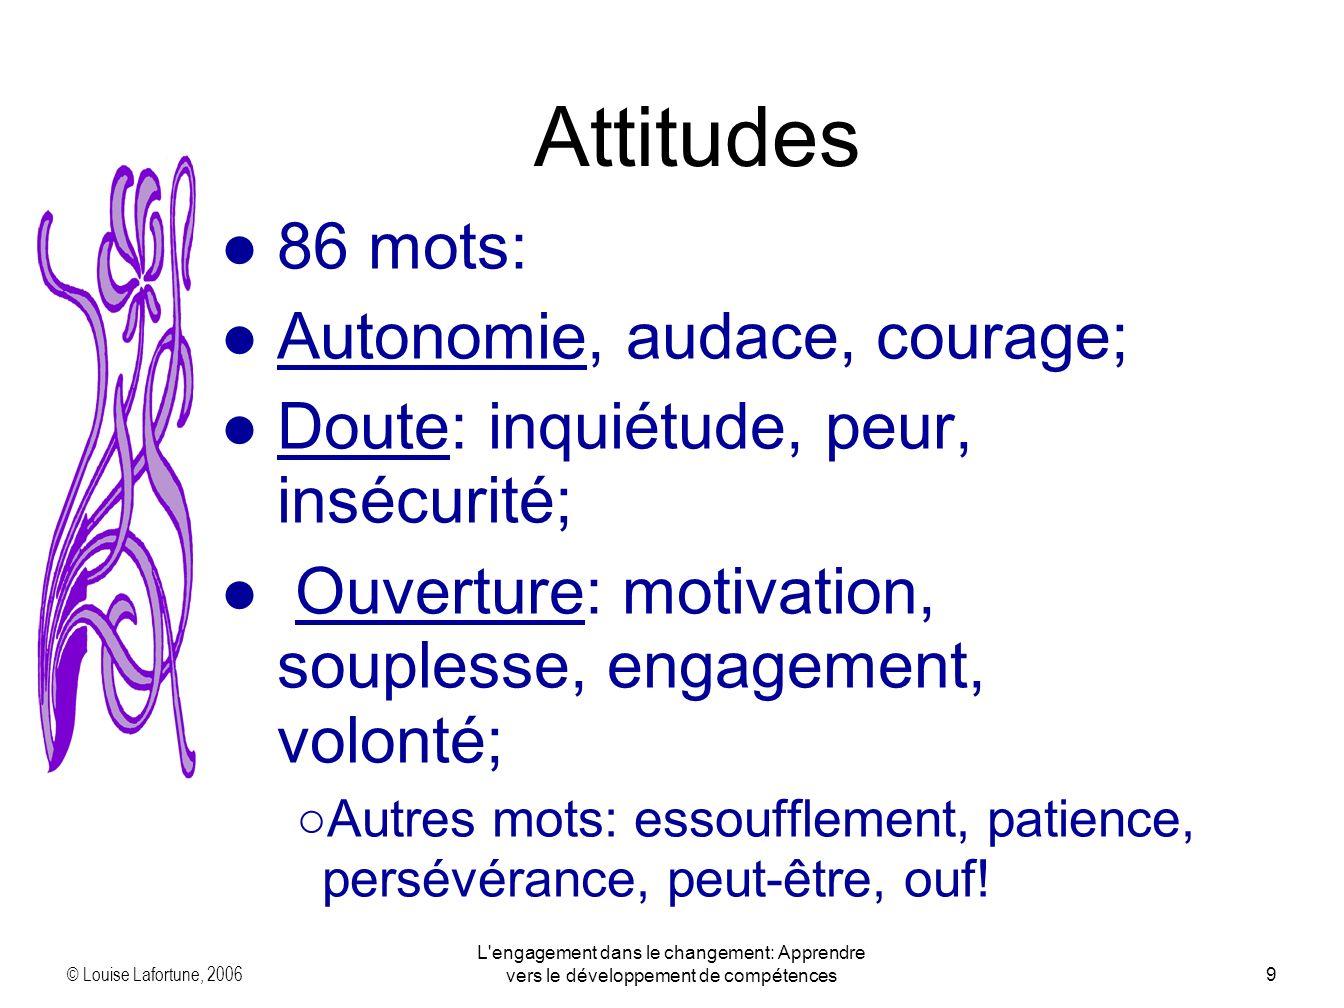 © Louise Lafortune, 2006 L engagement dans le changement: Apprendre vers le développement de compétences9 86 mots: Autonomie, audace, courage; Doute: inquiétude, peur, insécurité; Ouverture: motivation, souplesse, engagement, volonté; Autres mots: essoufflement, patience, persévérance, peut-être, ouf.